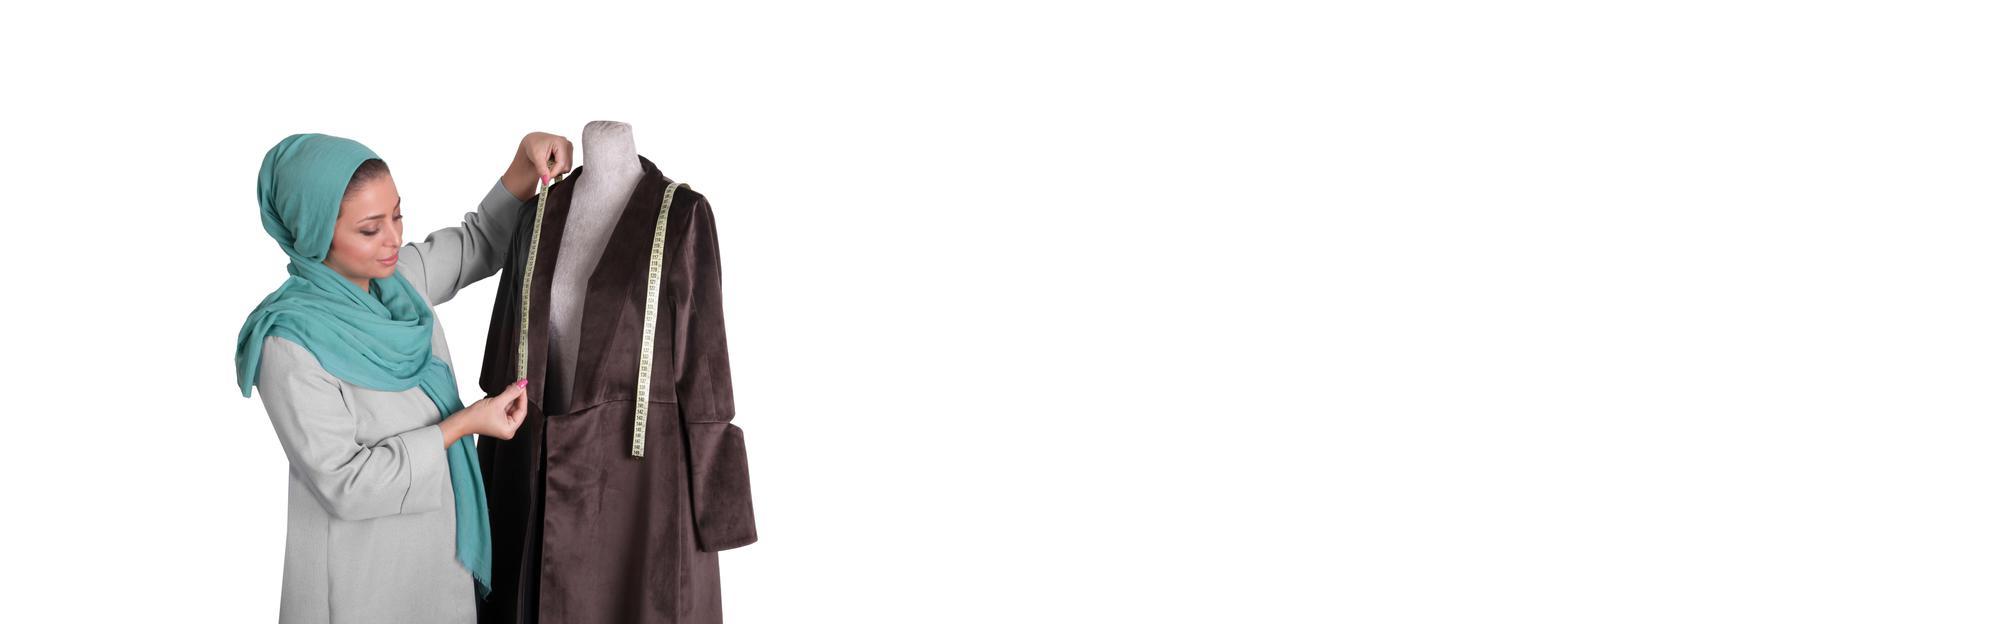 دوخت لباس زنانه در کرج